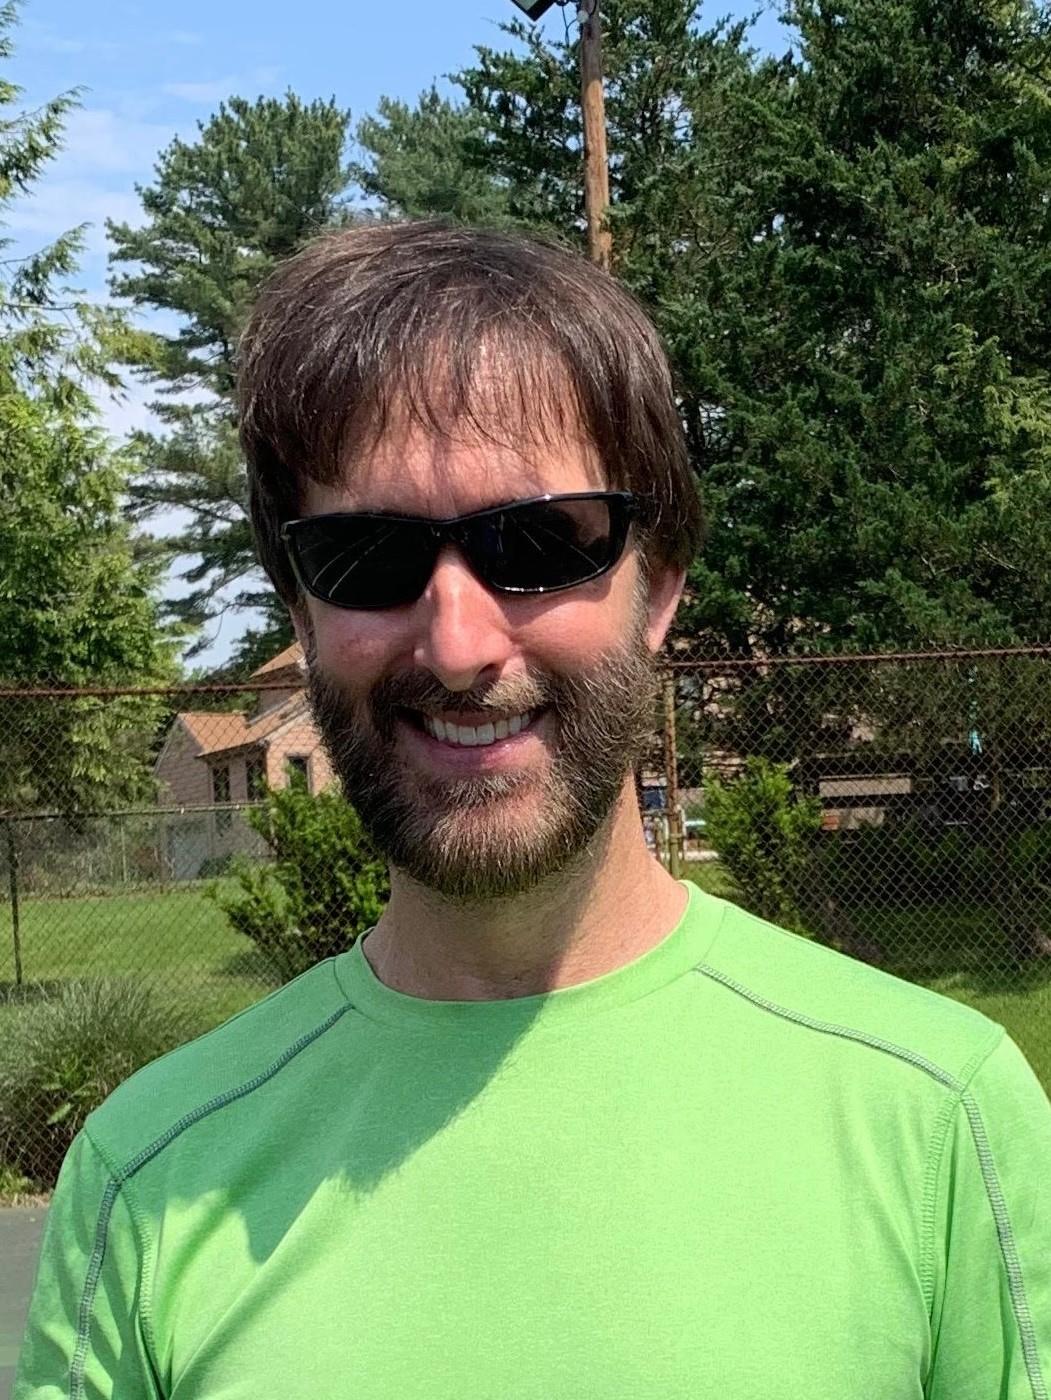 Keith Fox, Timberwyck's Tennis Pro